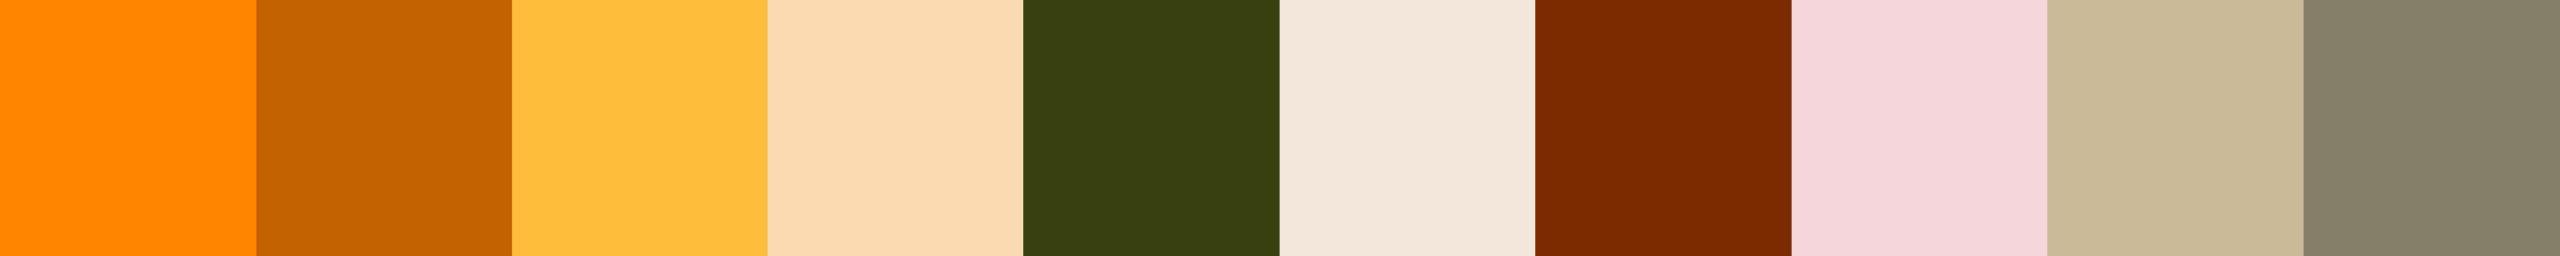 652 Olesia Color Palette